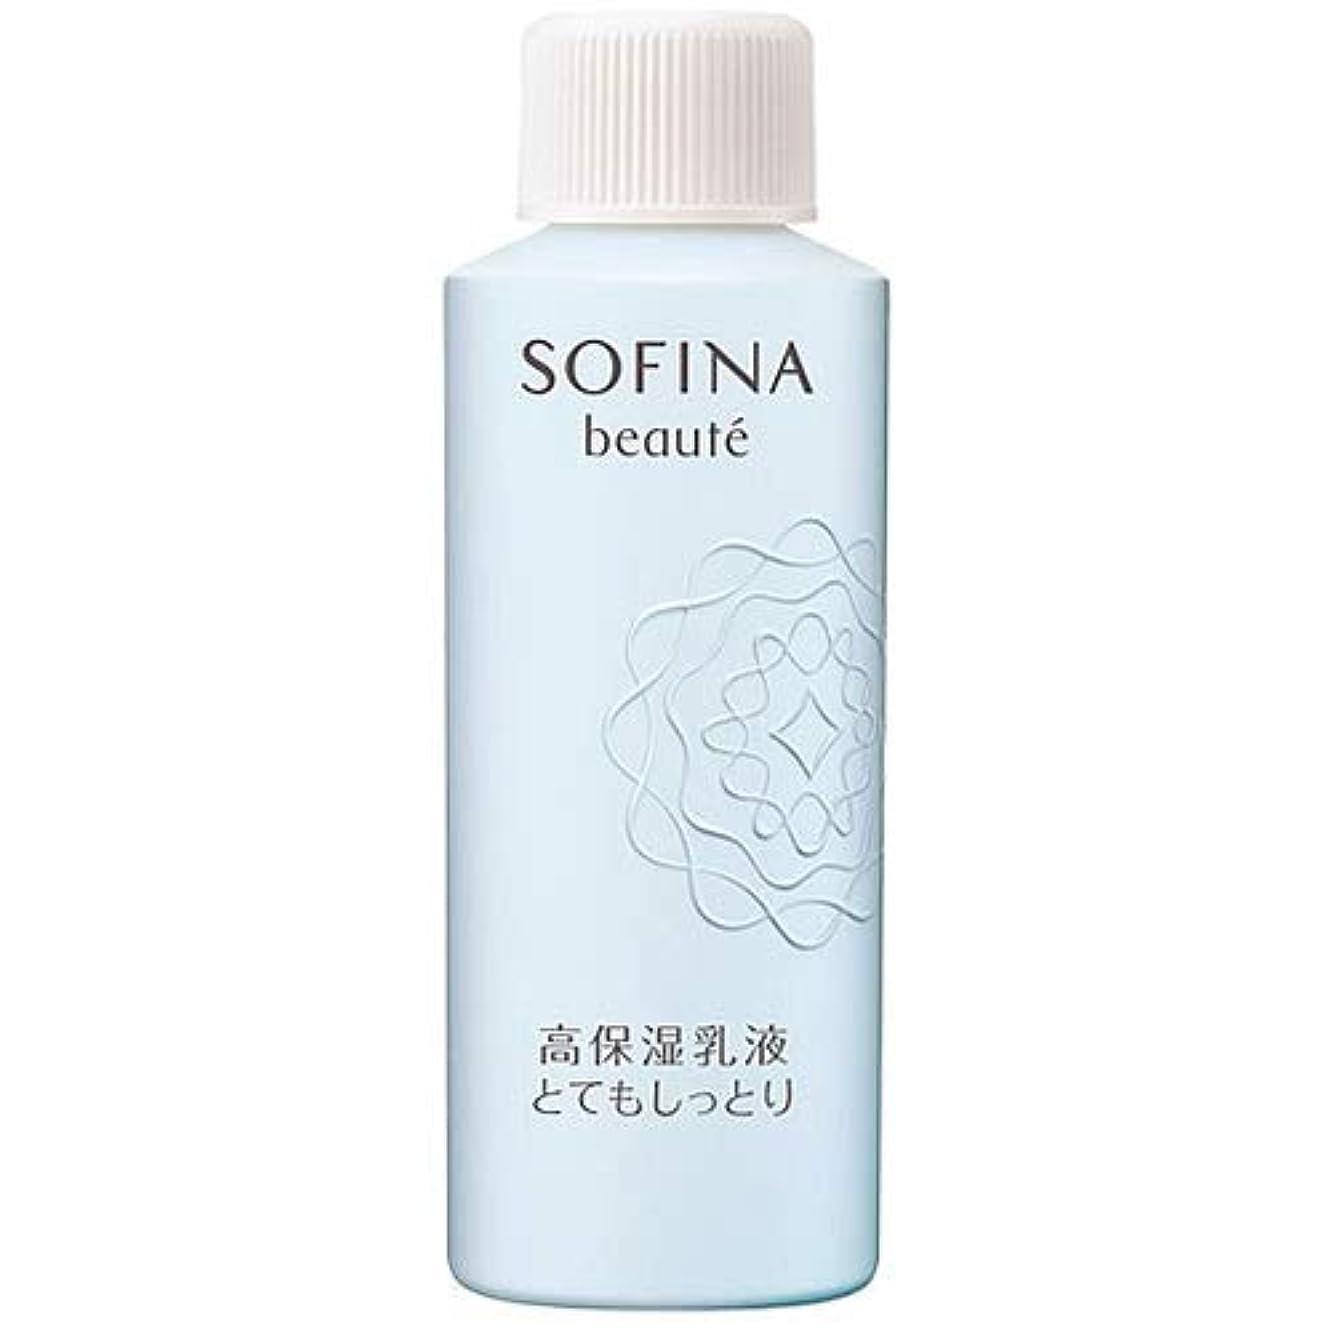 自己尊重不名誉類人猿ソフィーナ ボーテ 高保湿乳液 とてもしっとり つけかえ用レフィル 60g [並行輸入品]